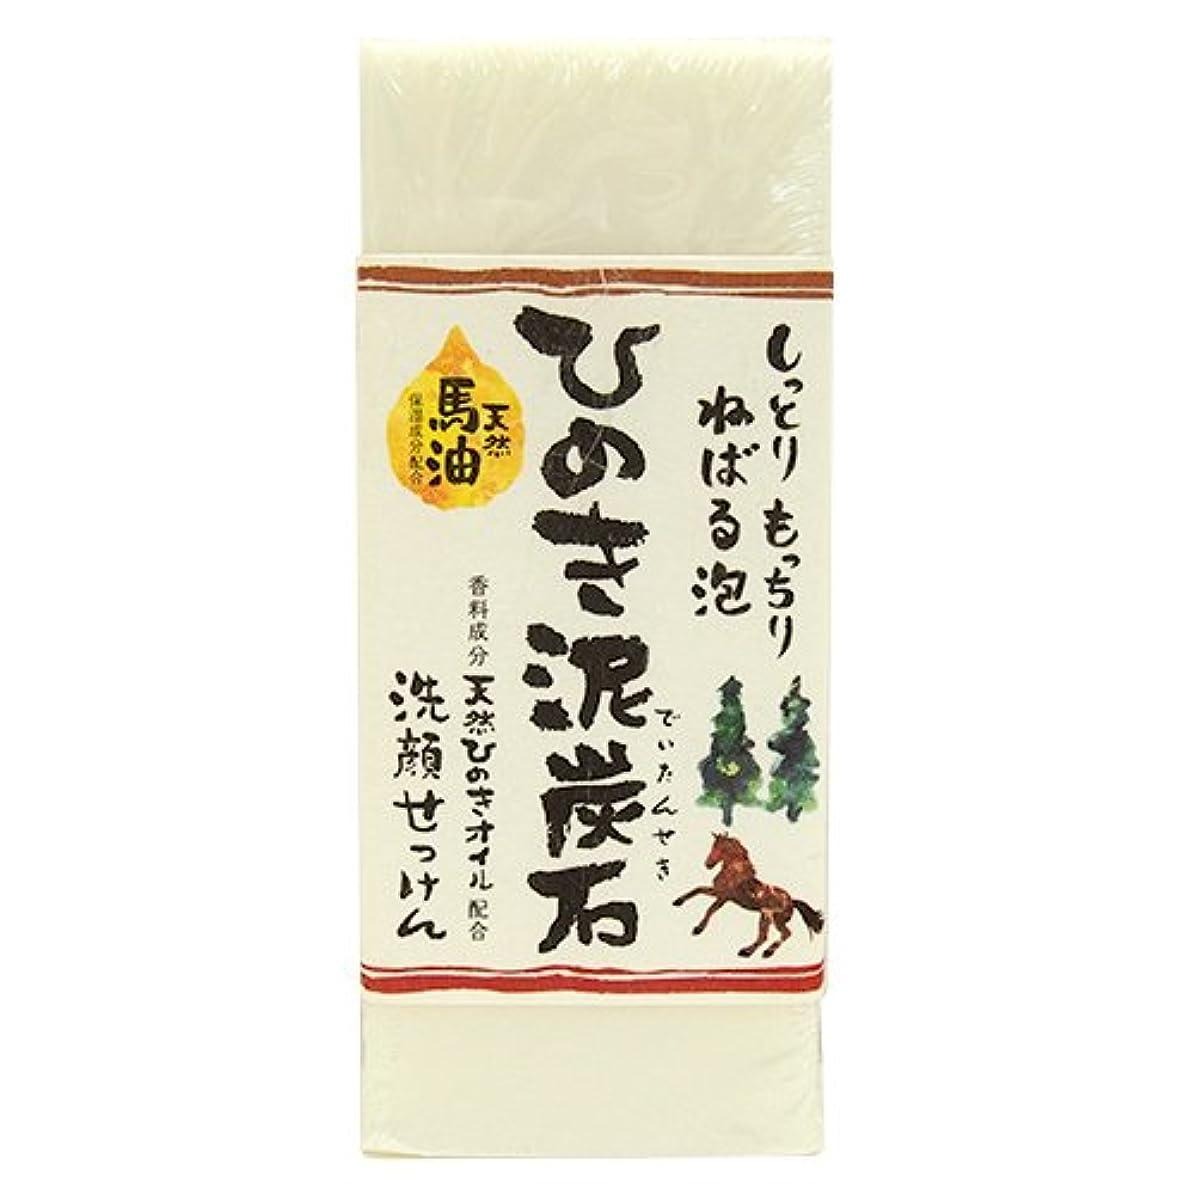 韓国長椅子生きているひのき泥炭石 洗顔せっけん うるおいタイプ 白 150g